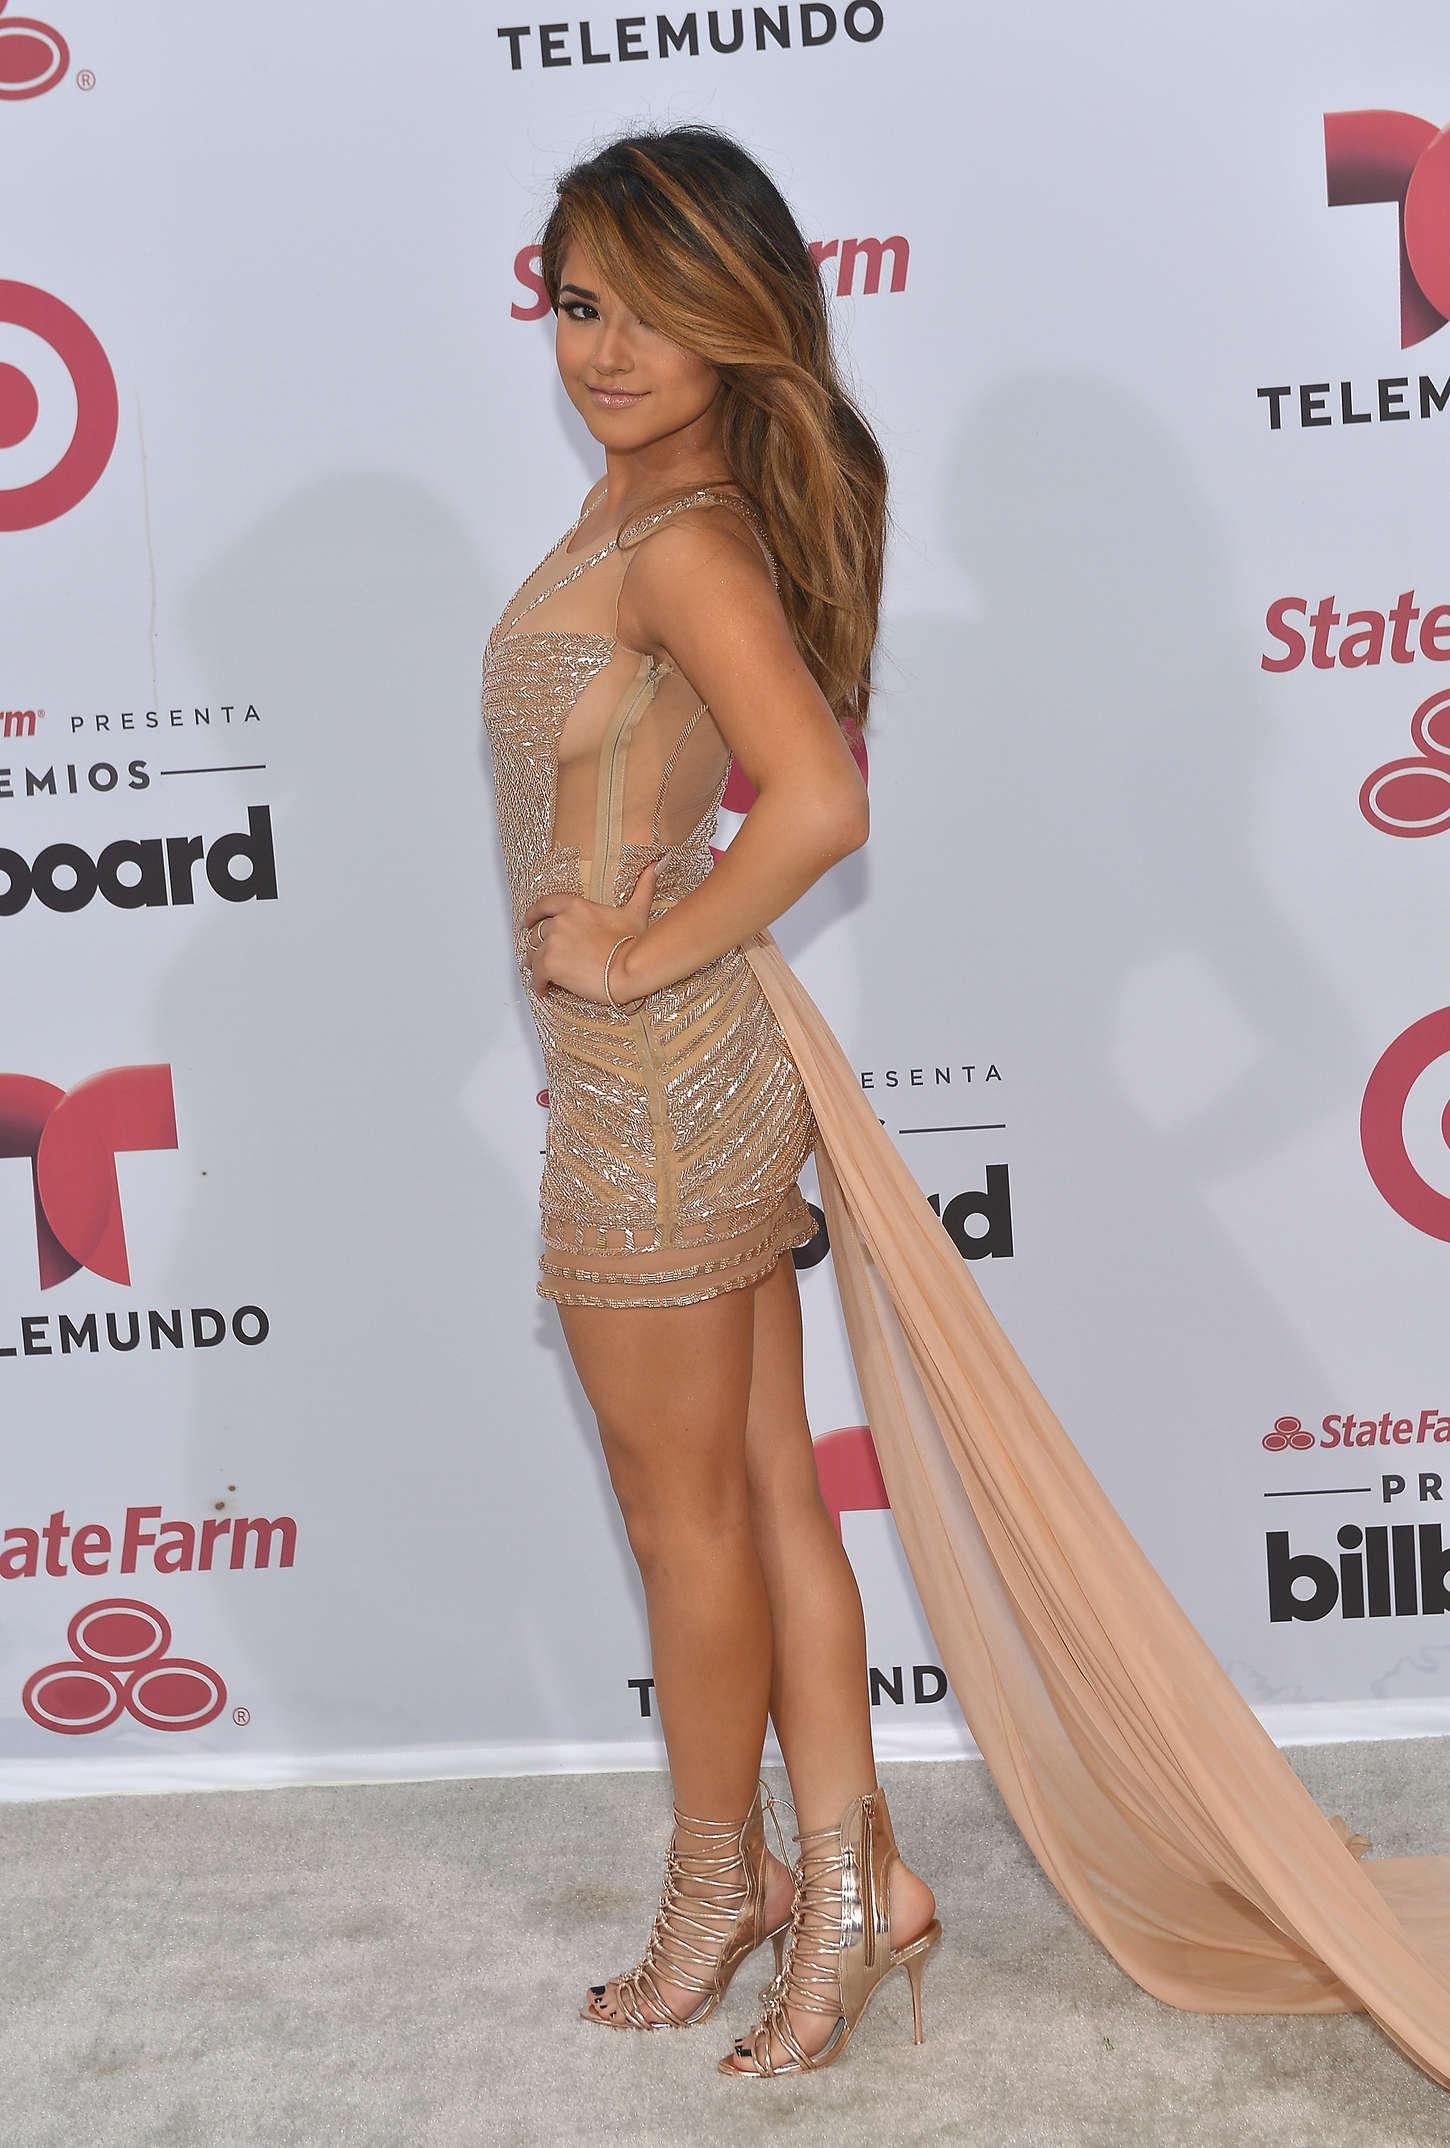 Image Result For Billboard Music Awards